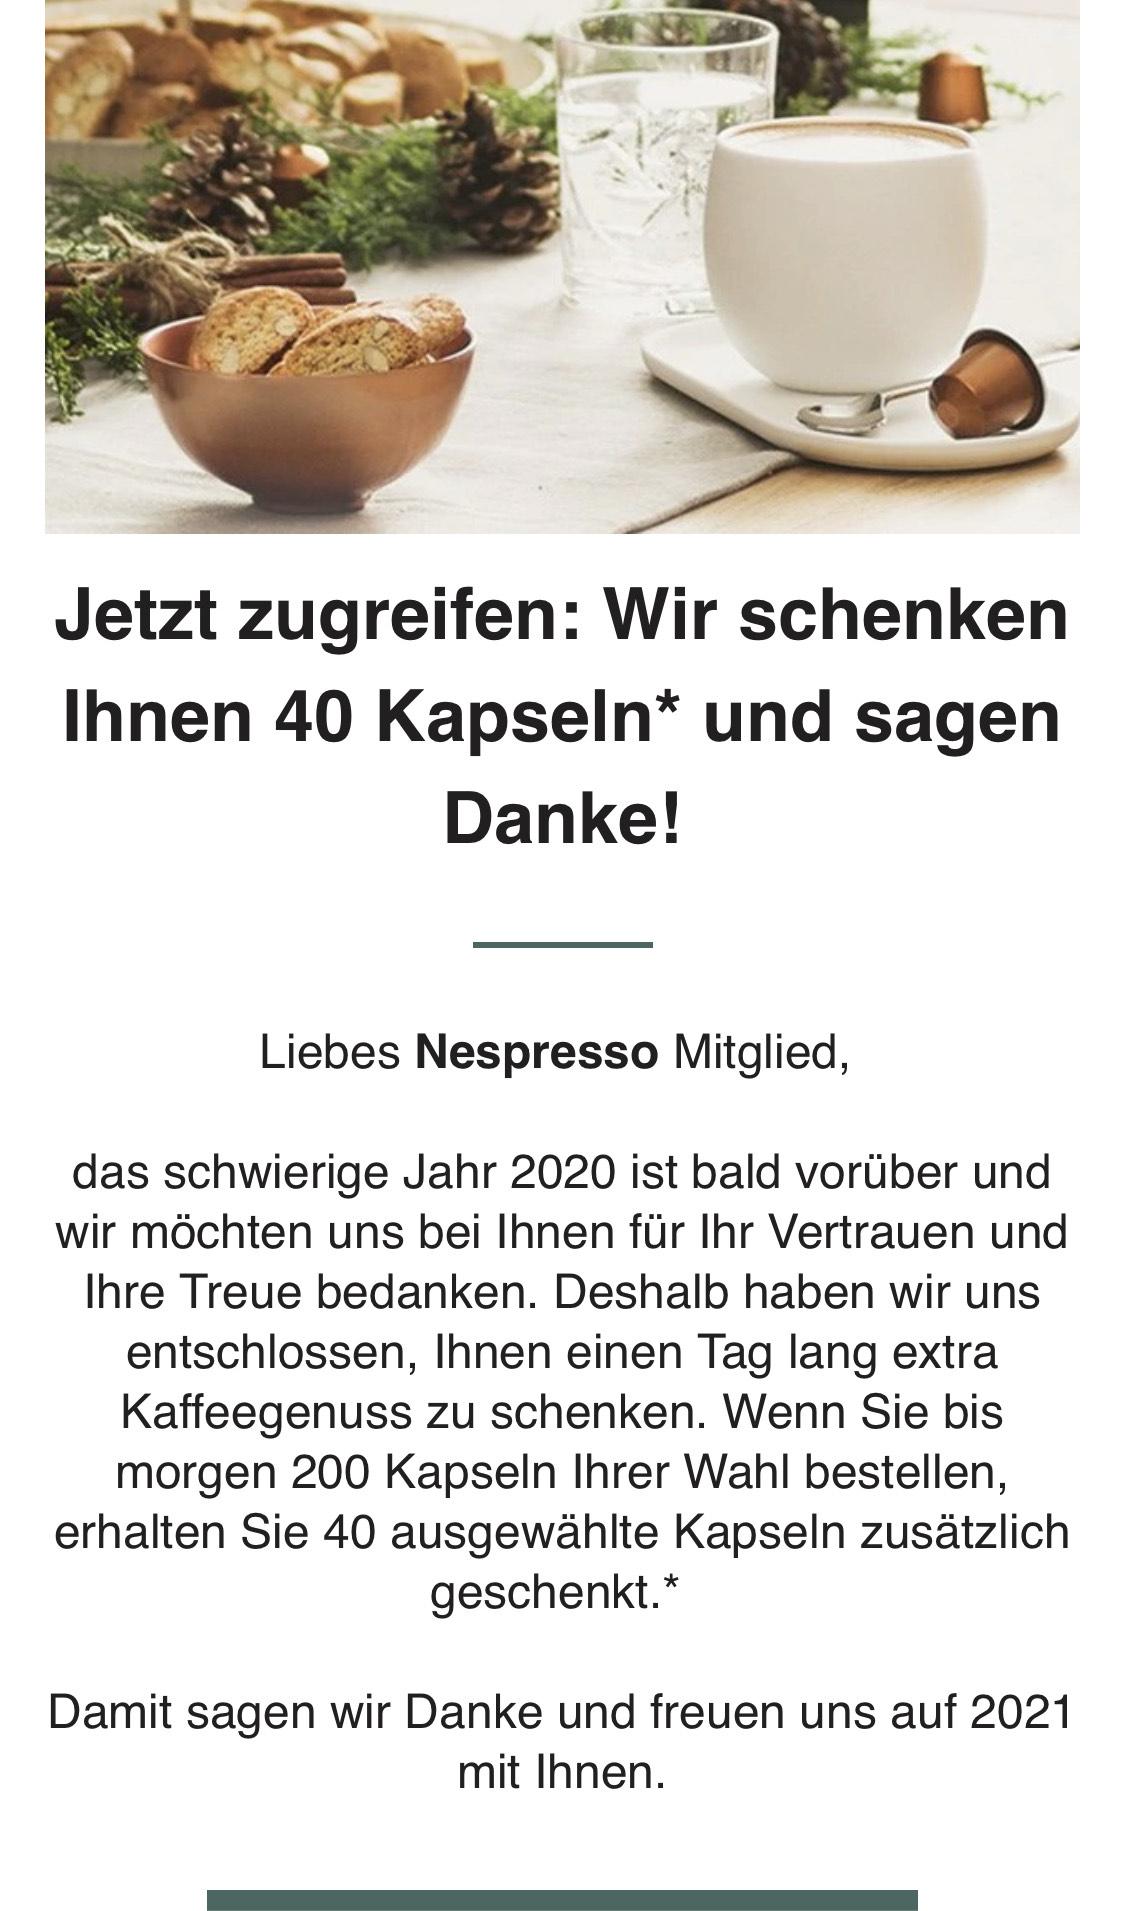 Nespresso Kaffee - 40 Kapseln gratis bei Kauf von 240 Kapseln für eff. 76€